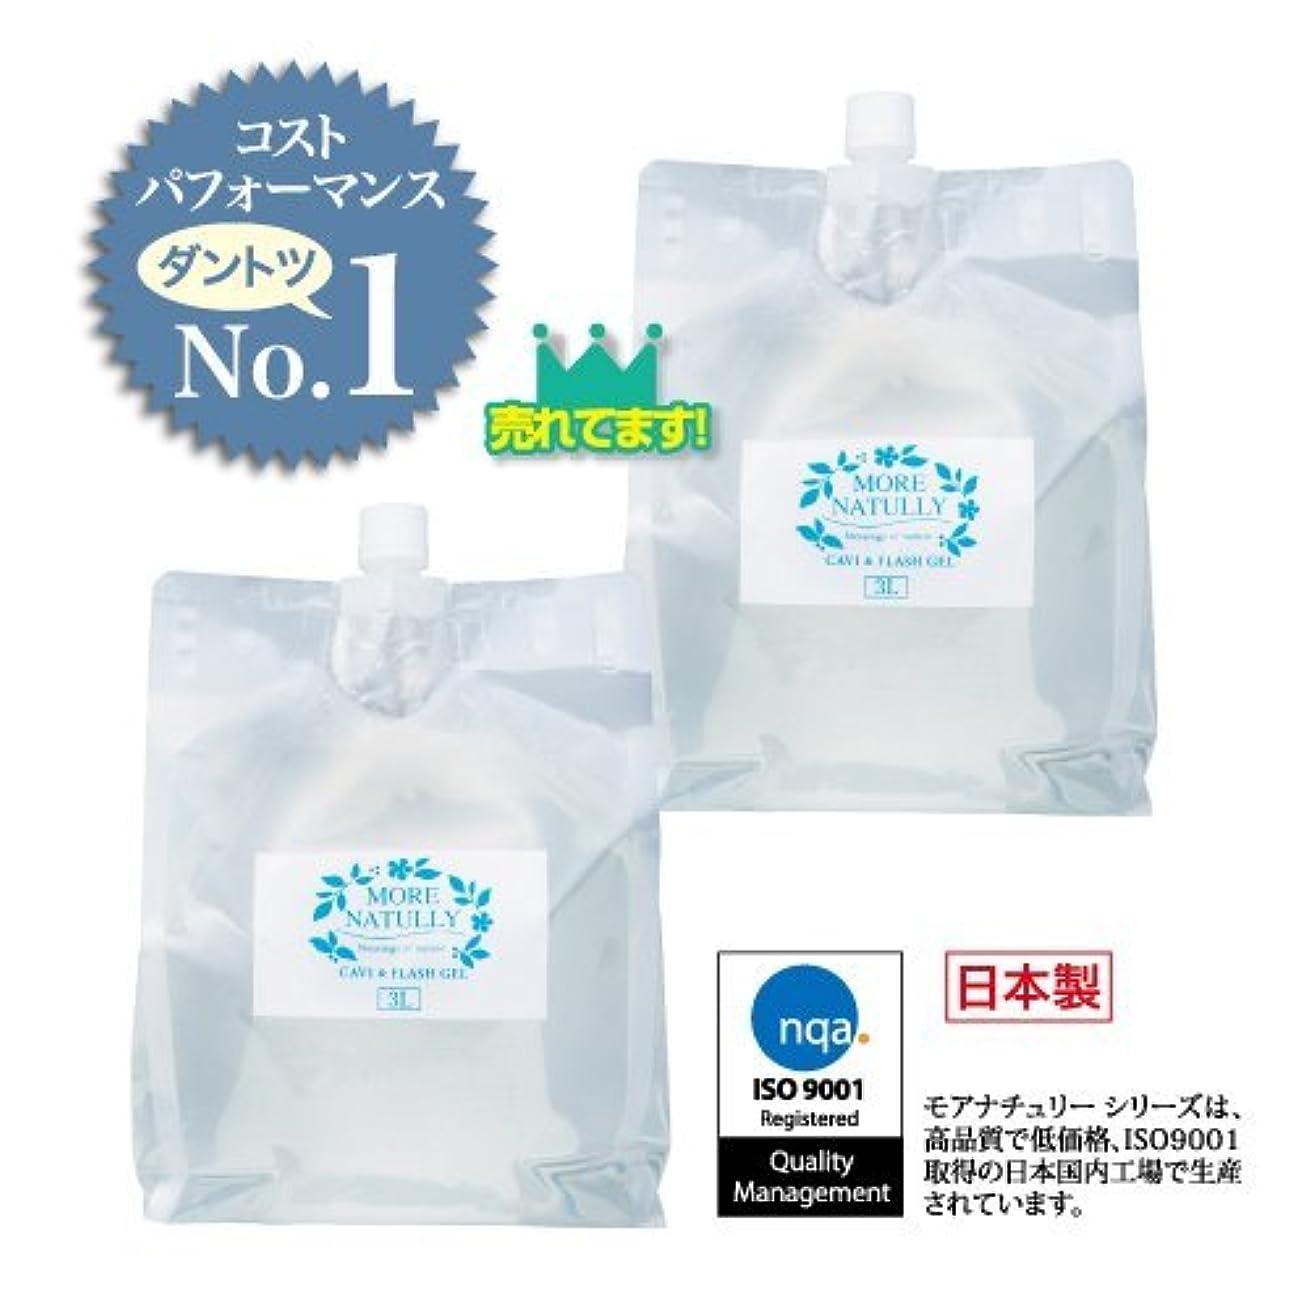 通貨置き場シャッフルモアナチュリー キャビ&フラッシュジェル 【ソフト】3kg×2袋